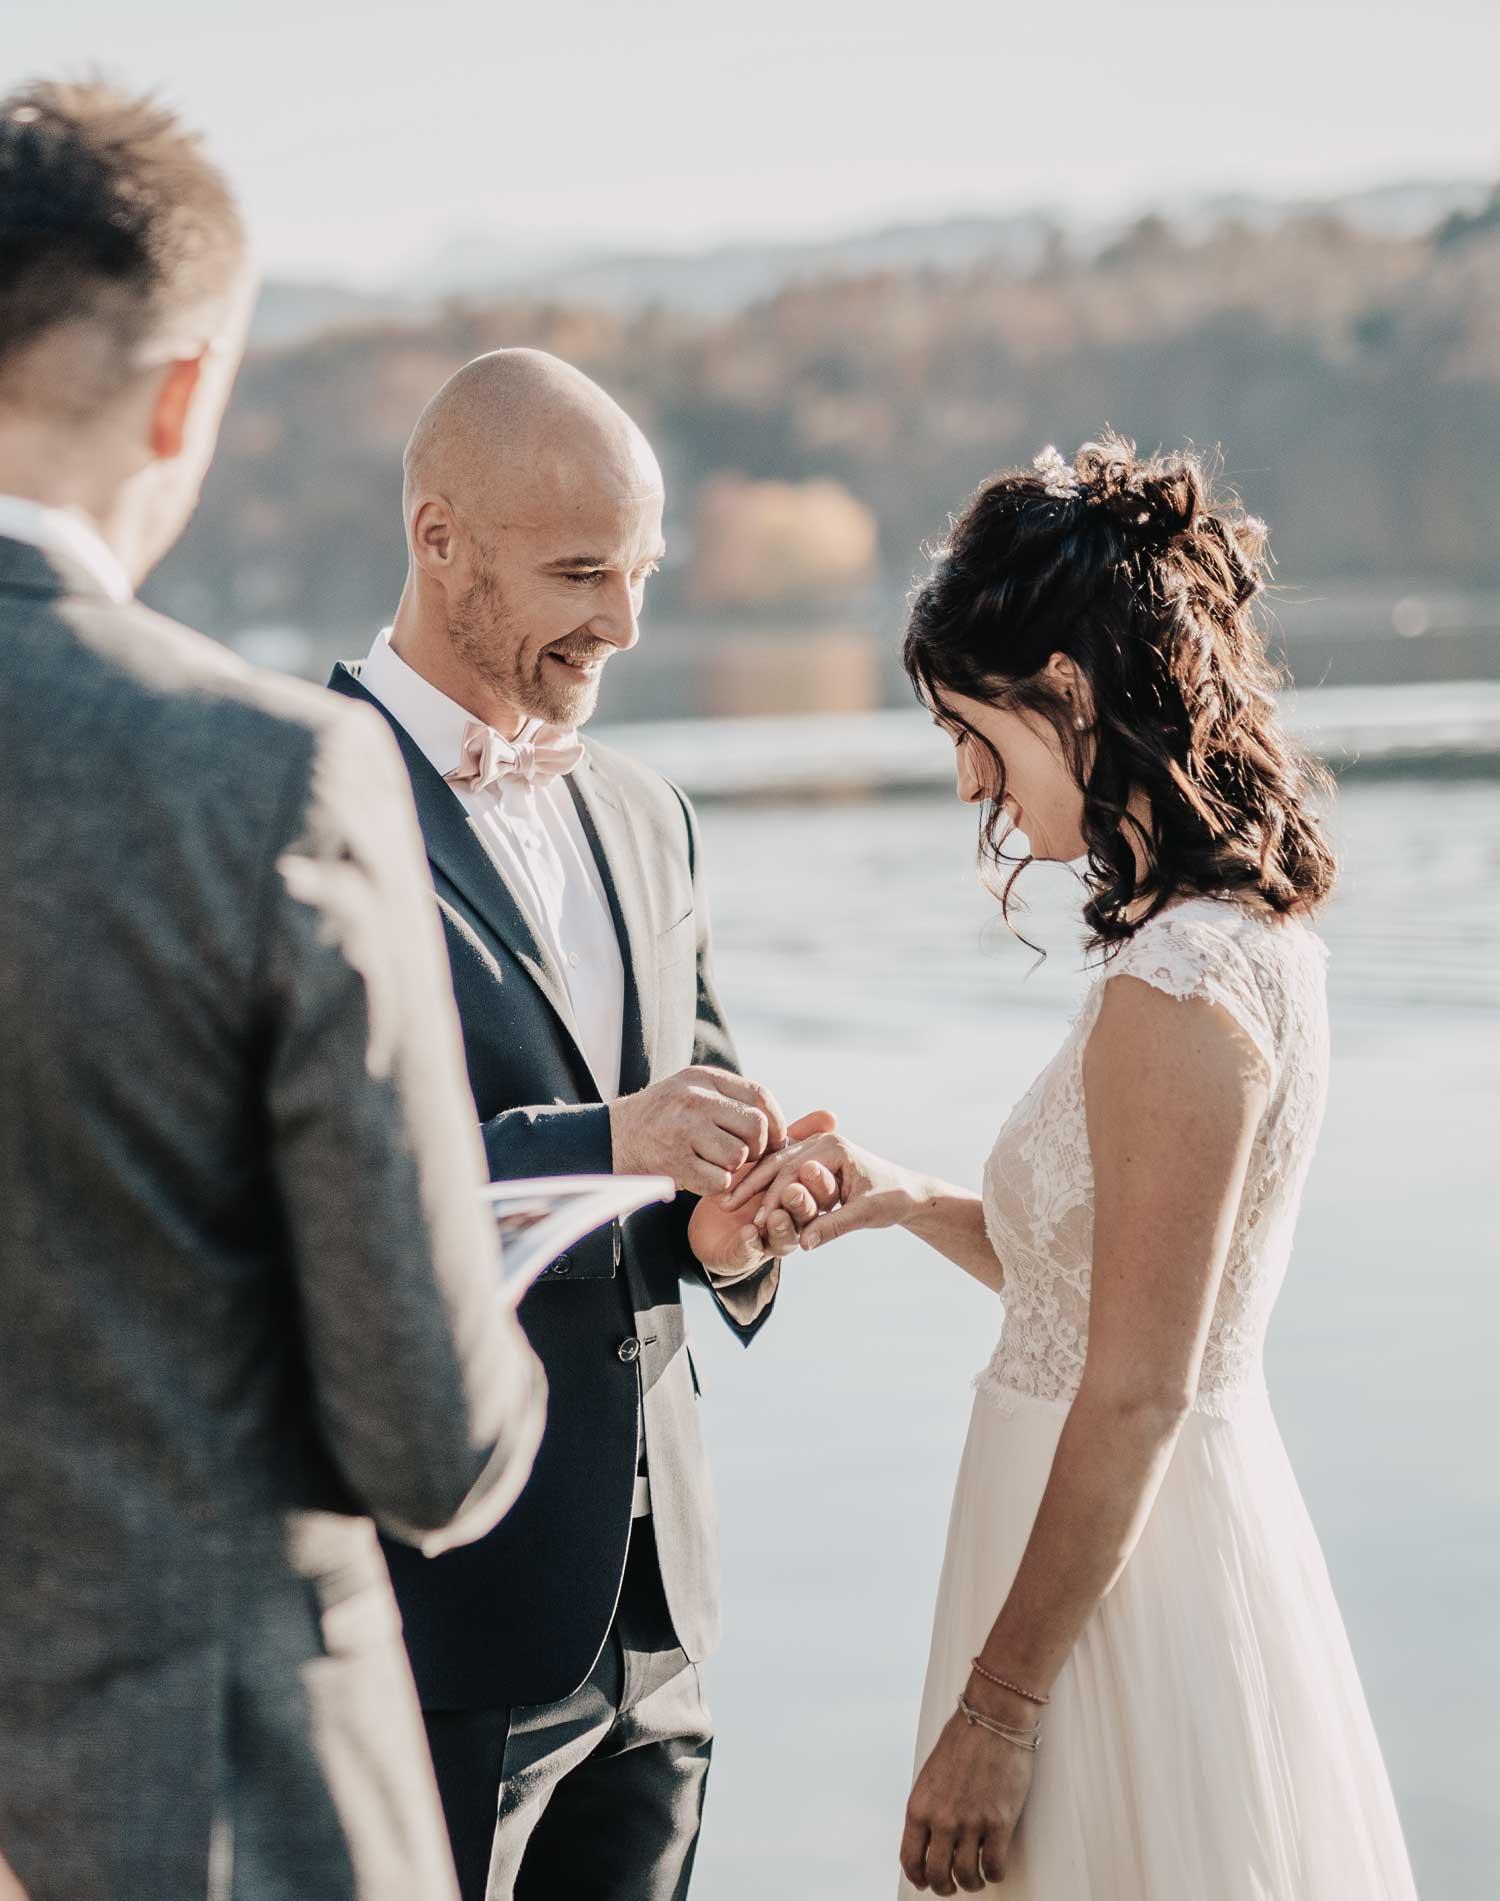 trauung-kirchliche-trauung-freie-trauung-organisation-redner-traurede-hochzeit-am-woerthersee-location-beste-location-wedding-planner